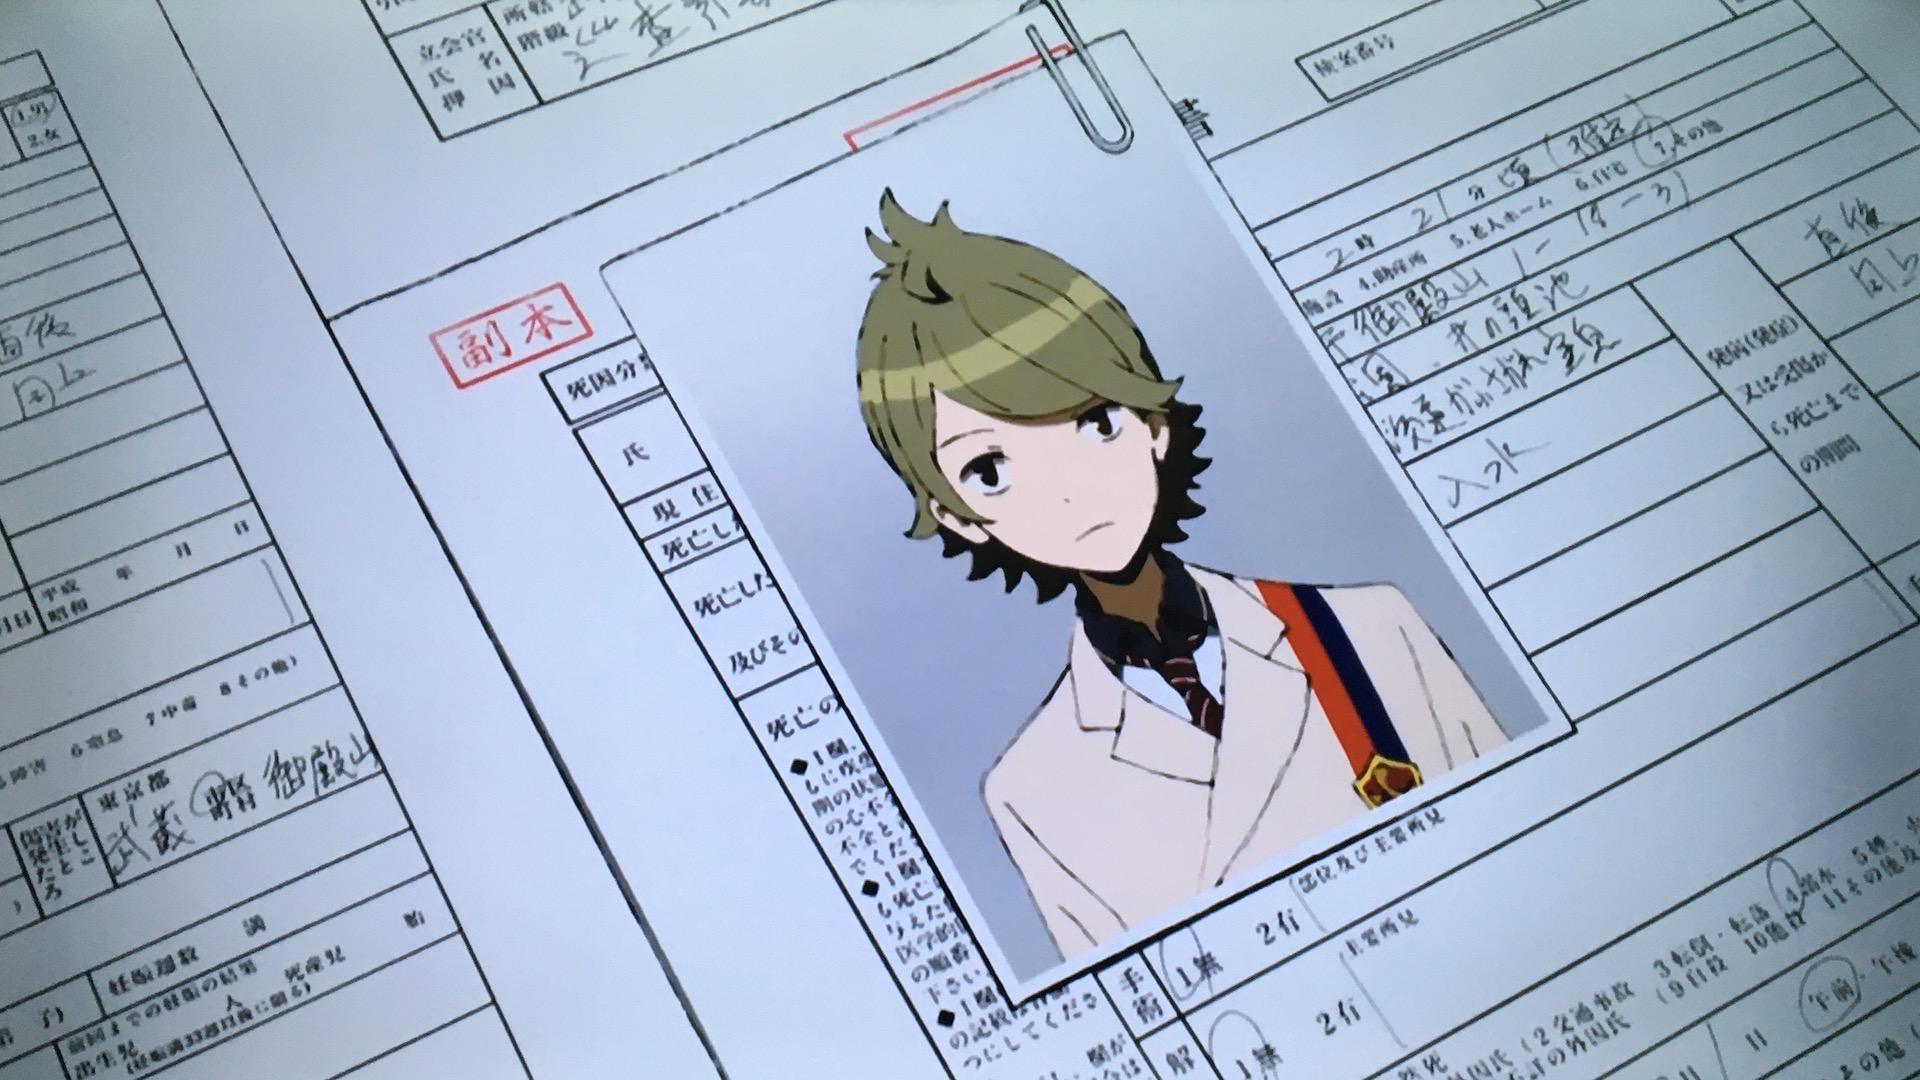 f:id:t_aki:20200418211832j:plain